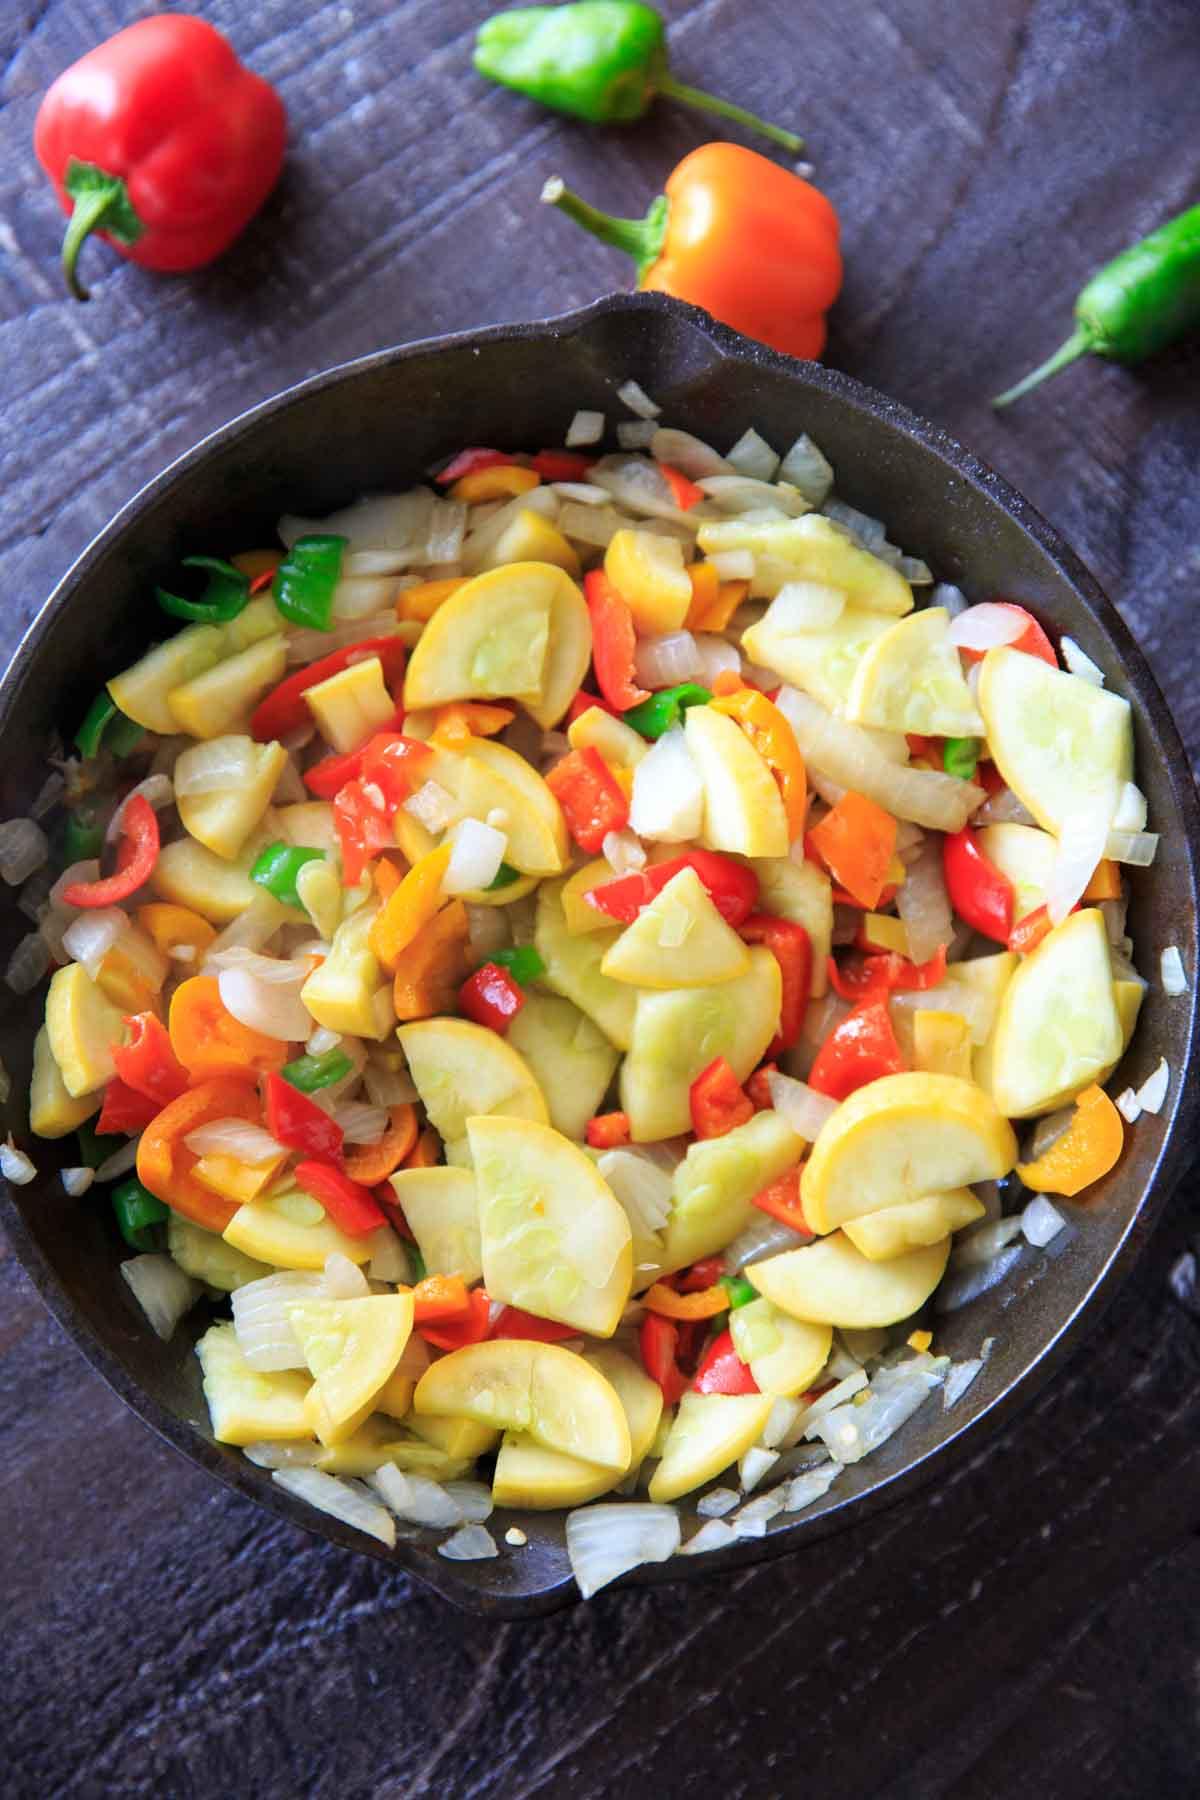 sauteed produce